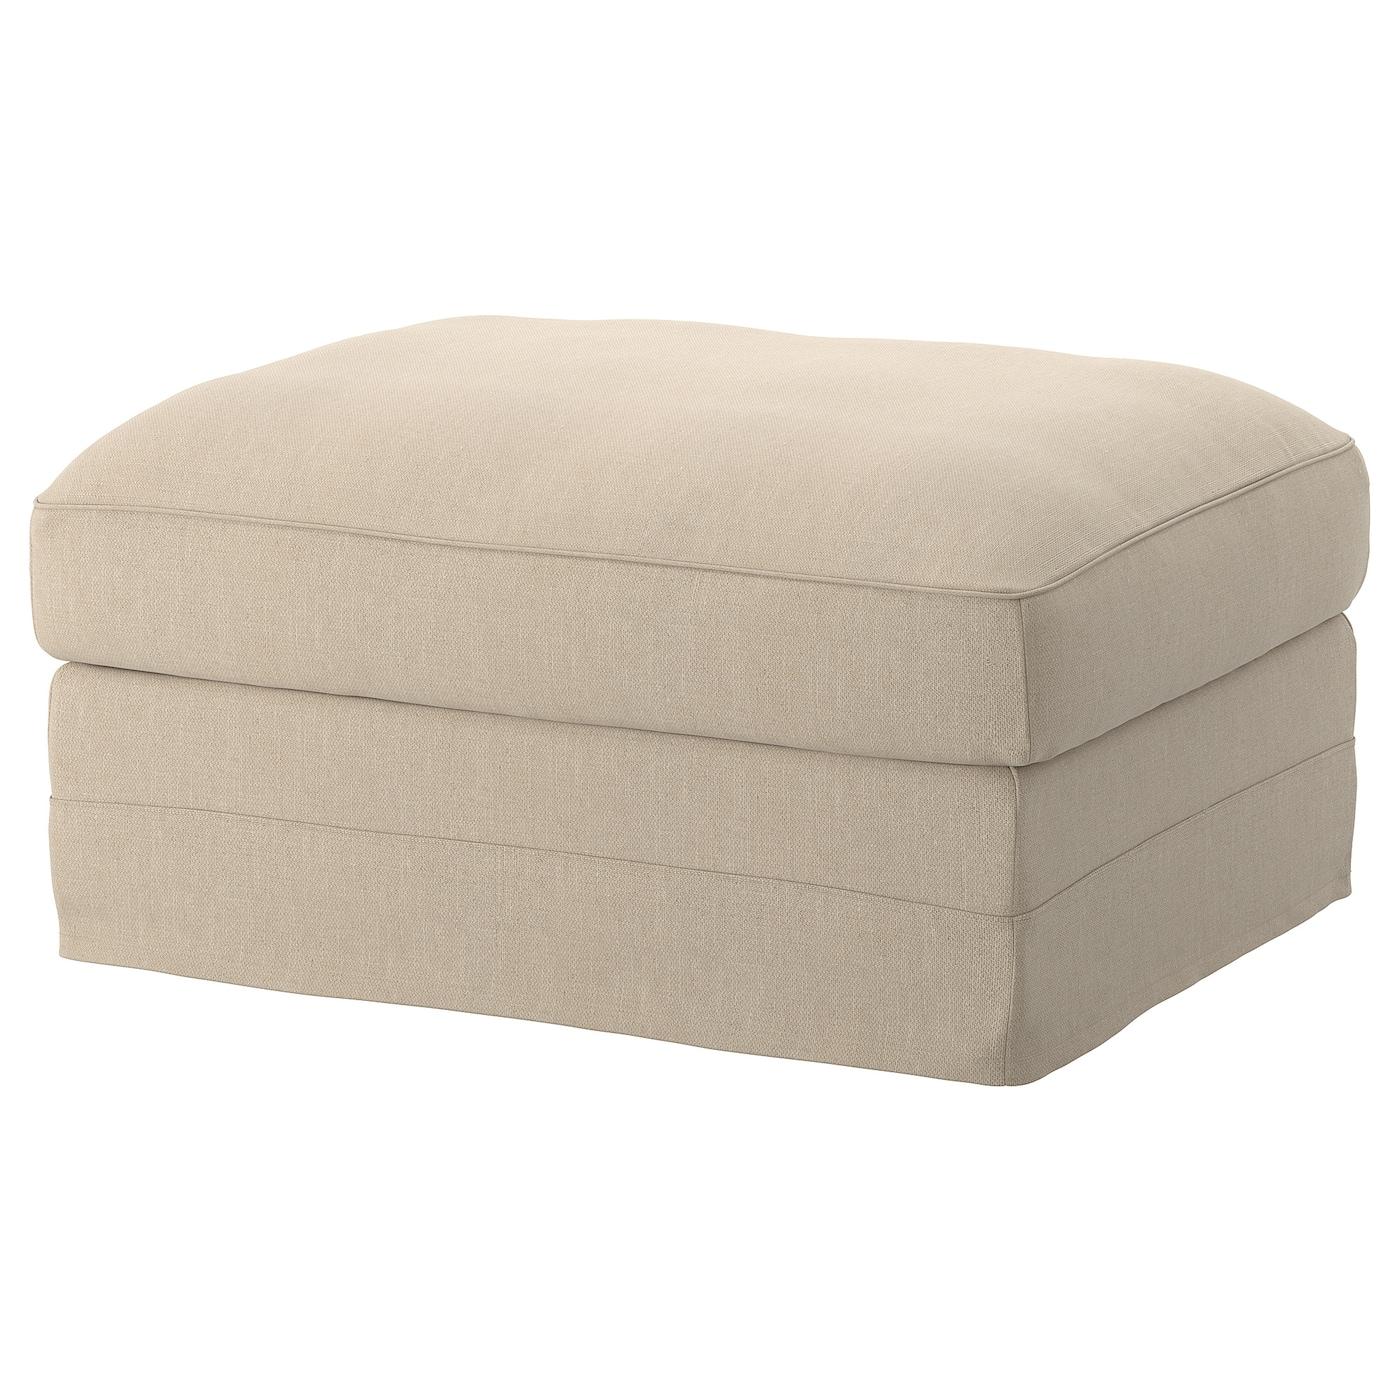 housses de repose pieds poufs ikea. Black Bedroom Furniture Sets. Home Design Ideas